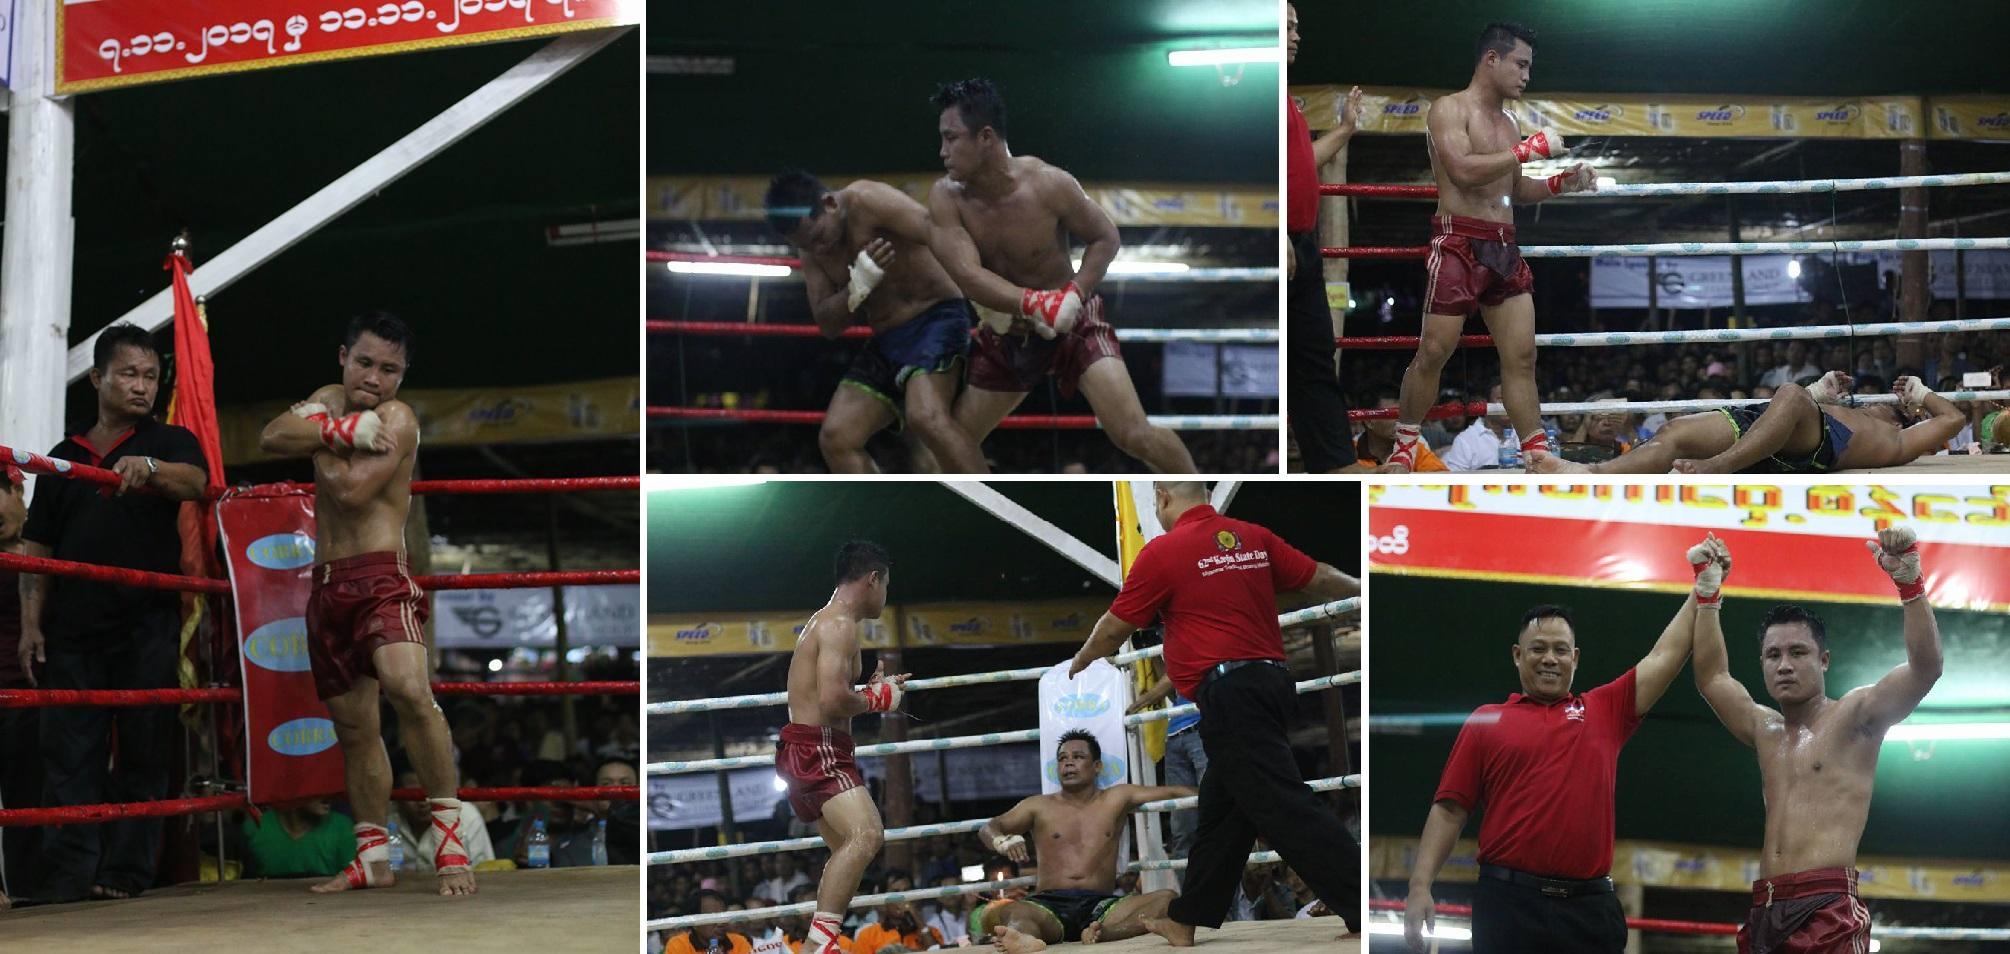 ミャンマー・カイン州記念イベント!ラウェイ上位選手も数多く出場!5日間連続開催!!~11・7~11・11『62nd Kayin State Day Event』